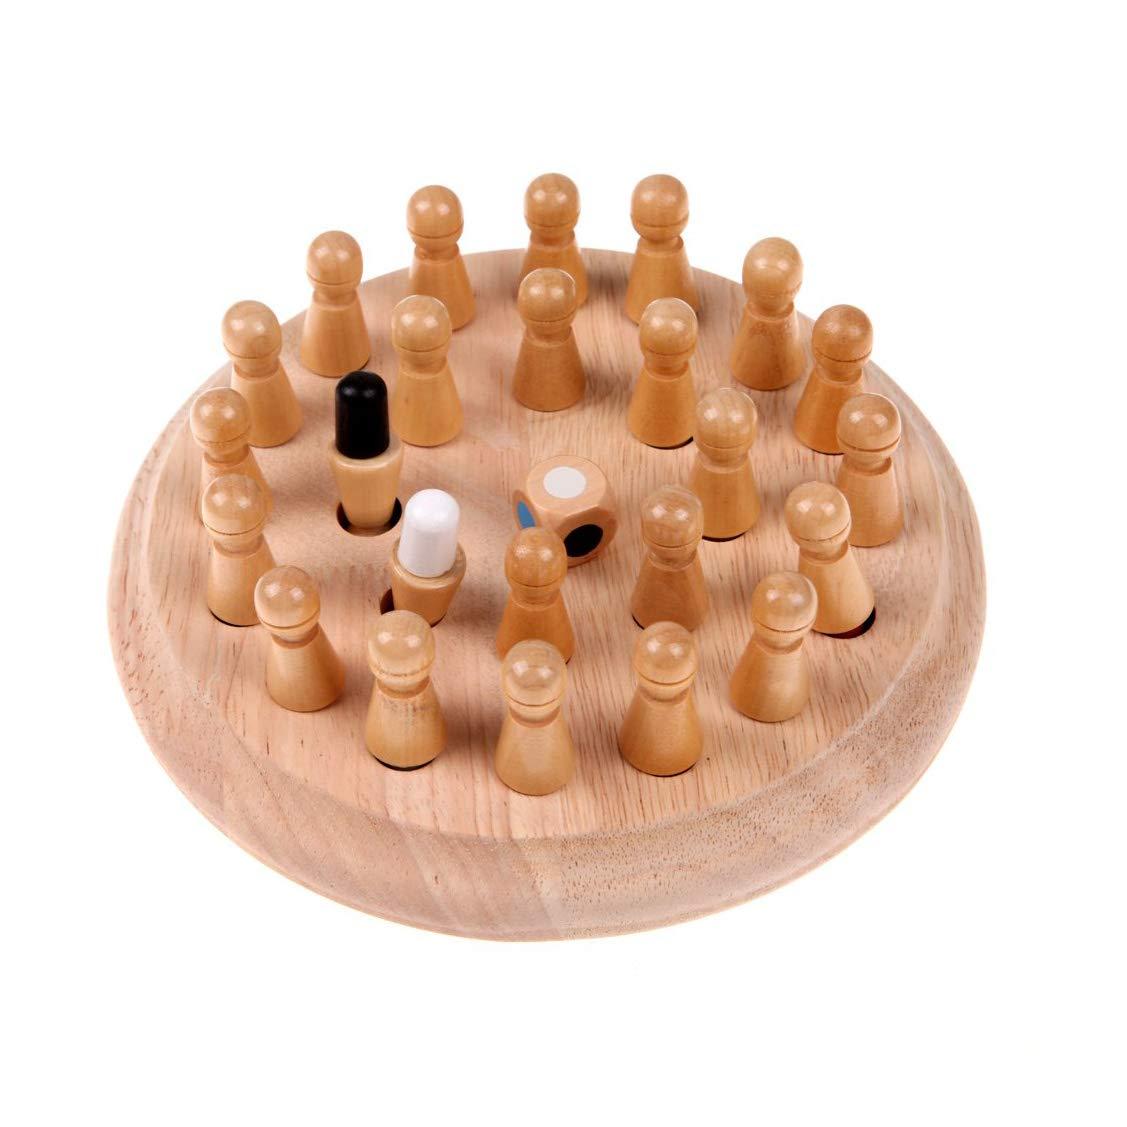 AIYYJ▫bb Madera Ajedrez de Memoria para niños Color Educativo Habilidad cognitiva Juguete para niños Aprendizaje Juego de Rompecabezas Rompecabezas 3D Juego de Mesa Regalo para niños: Amazon.es: Hogar